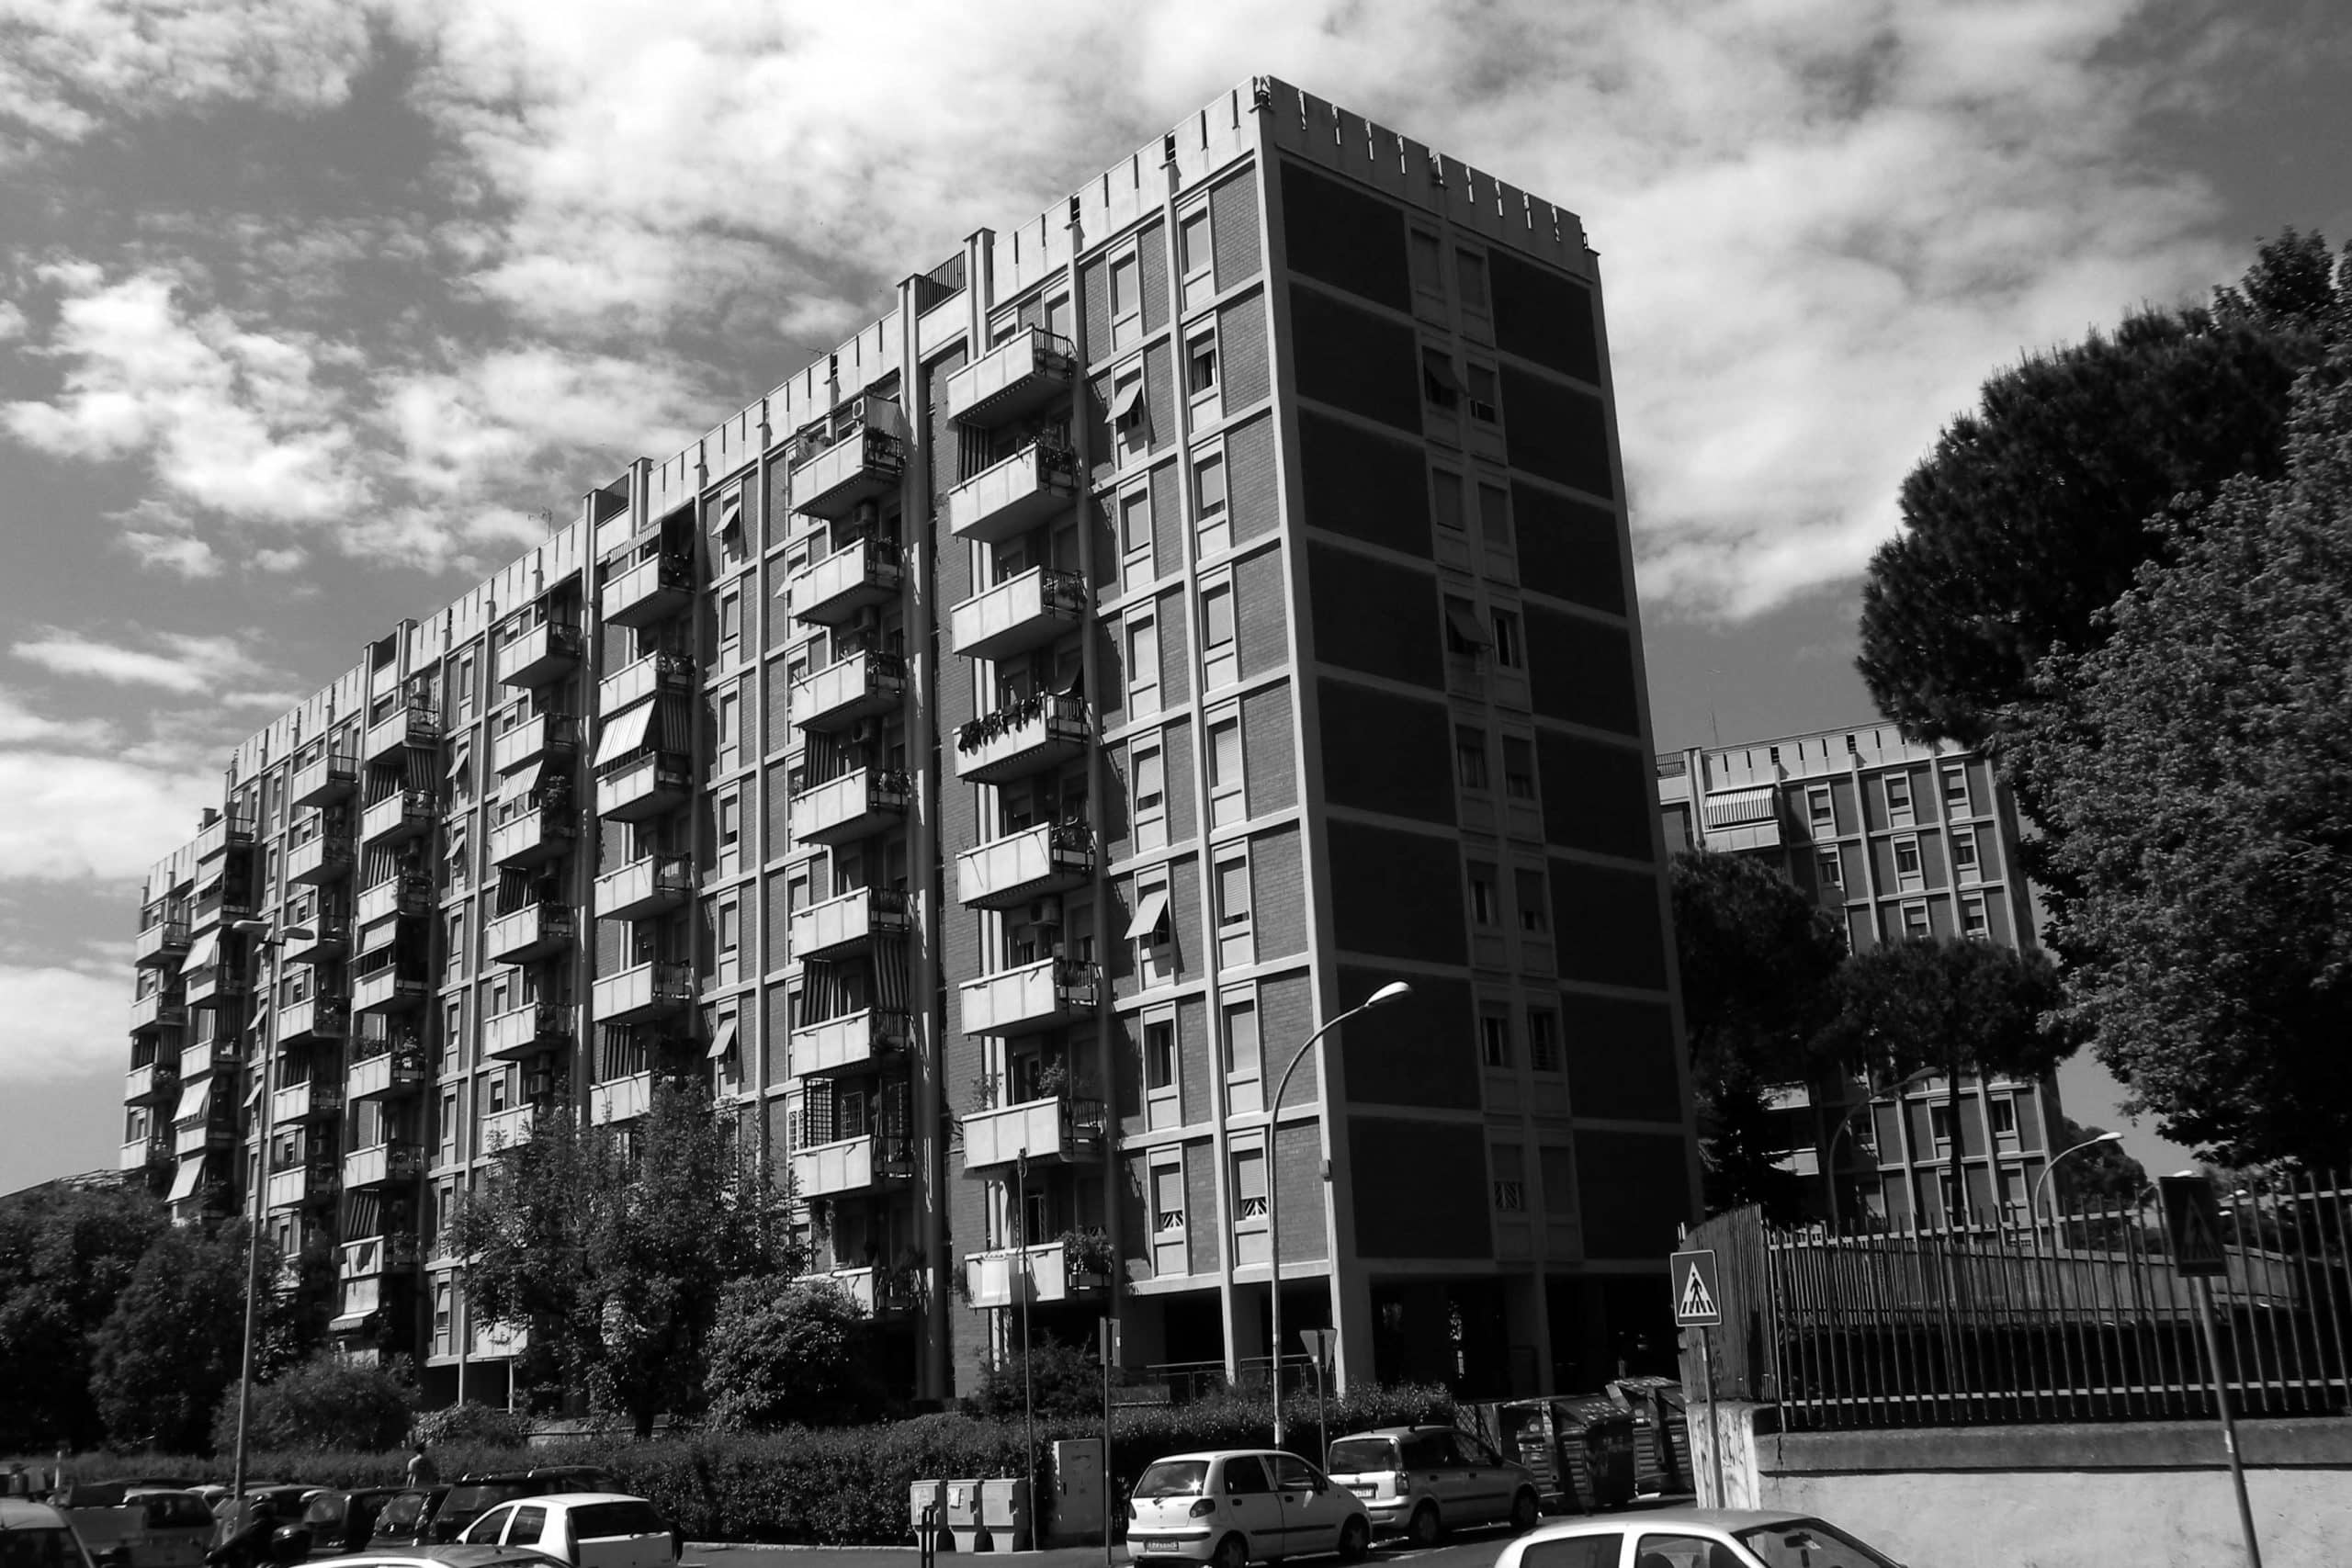 2 - Complesso di cinque edifici residenziali per 250 alloggi nel PdZ n. 14 Tiburtino Sud in via di Pietralata, Roma; con R. De Vito e A. Rossi - Vista esterna dalla piazza e dell'edificio tipo